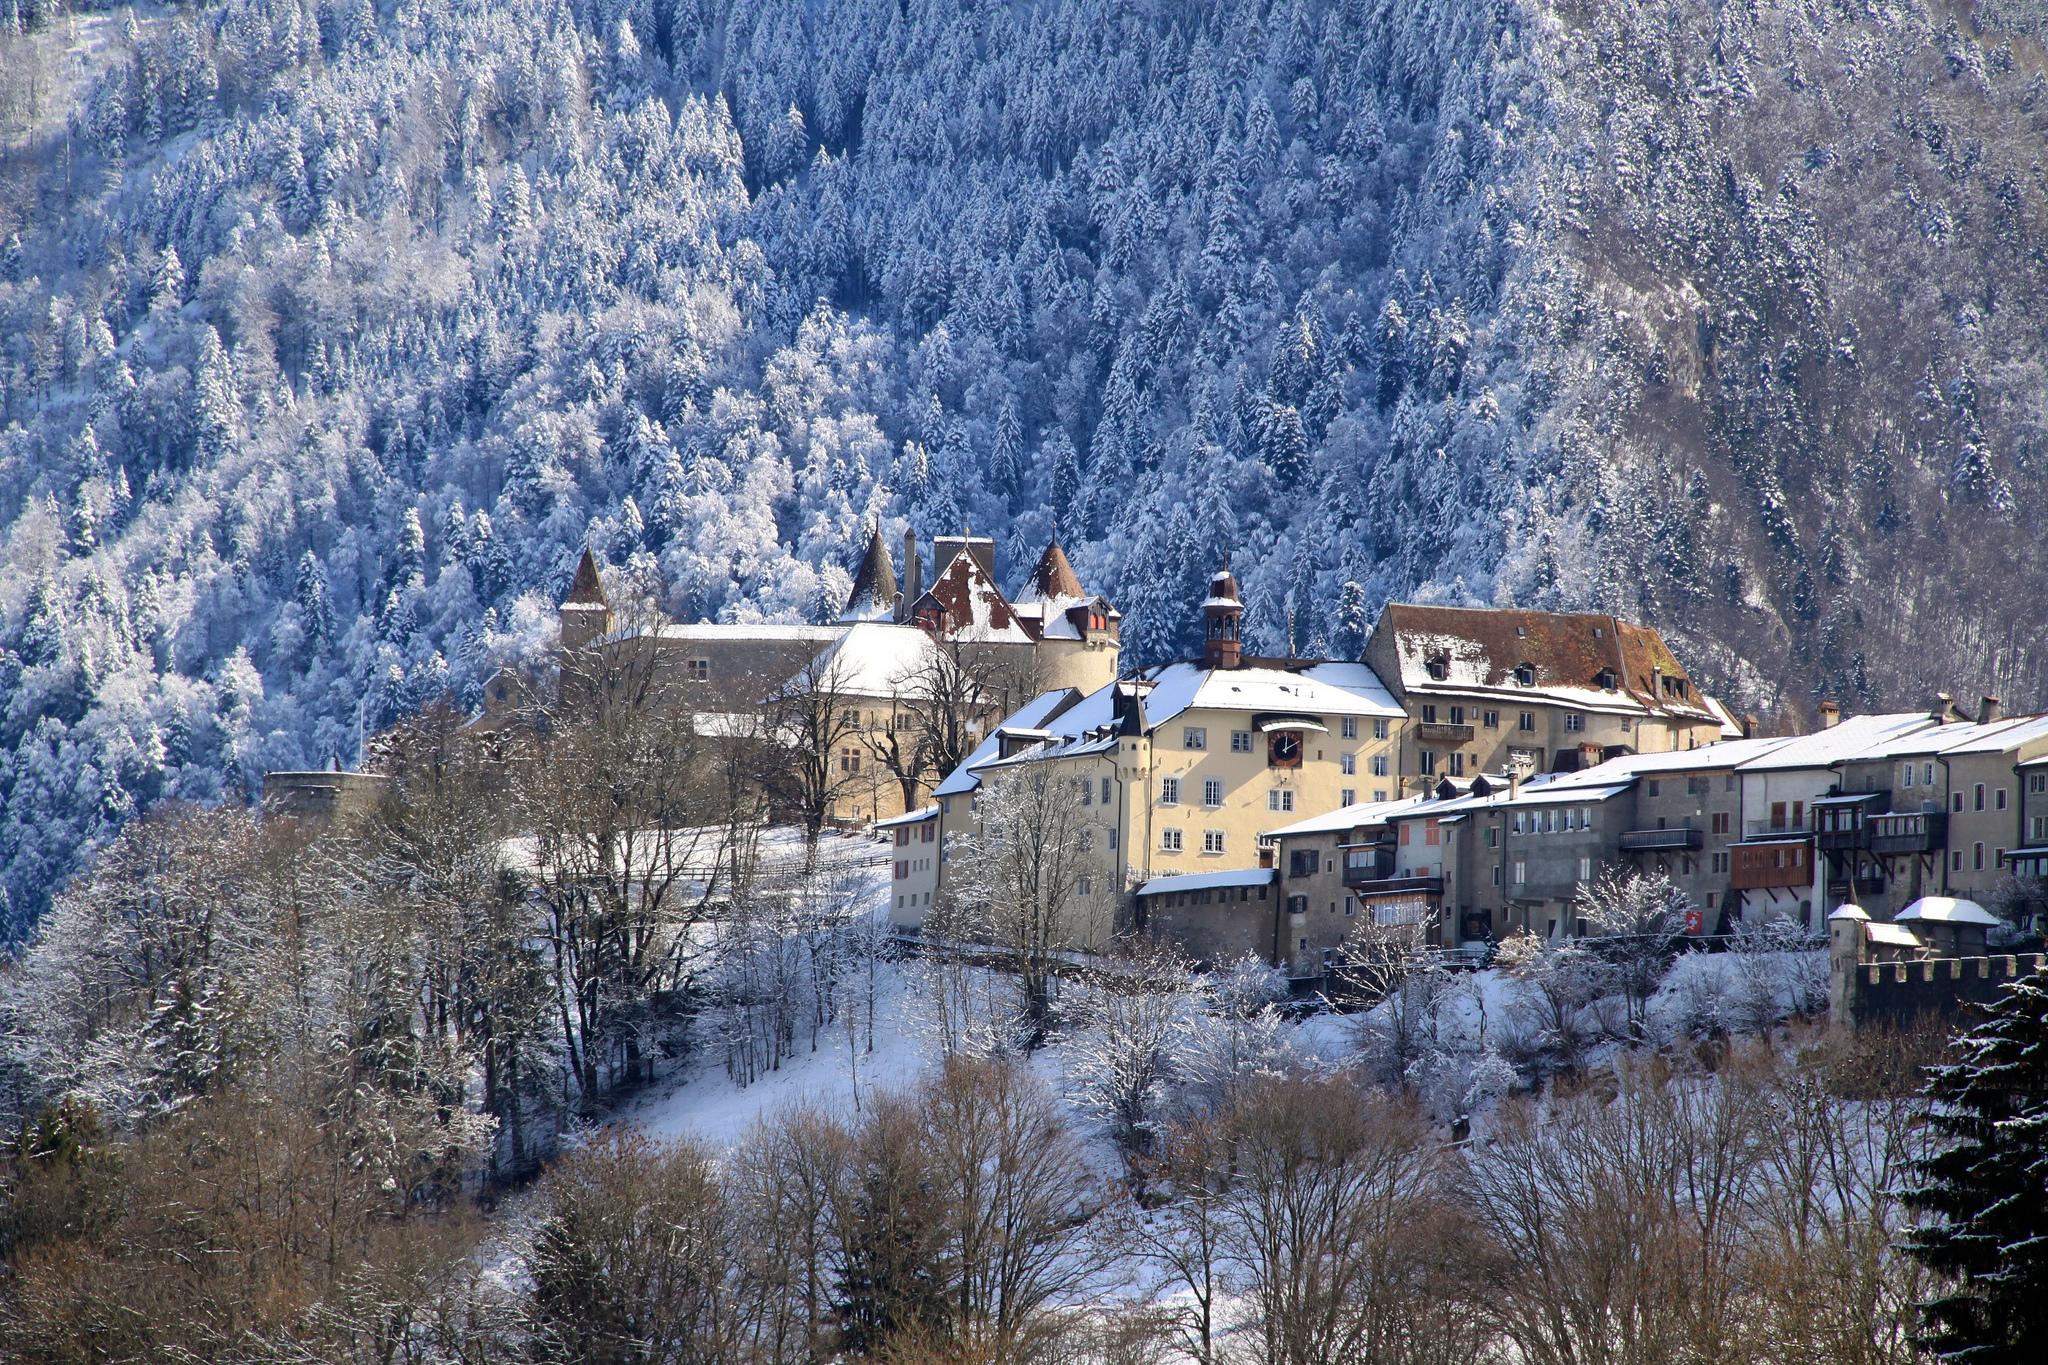 Альпы и шоколадные фабрики: куда поехать на день